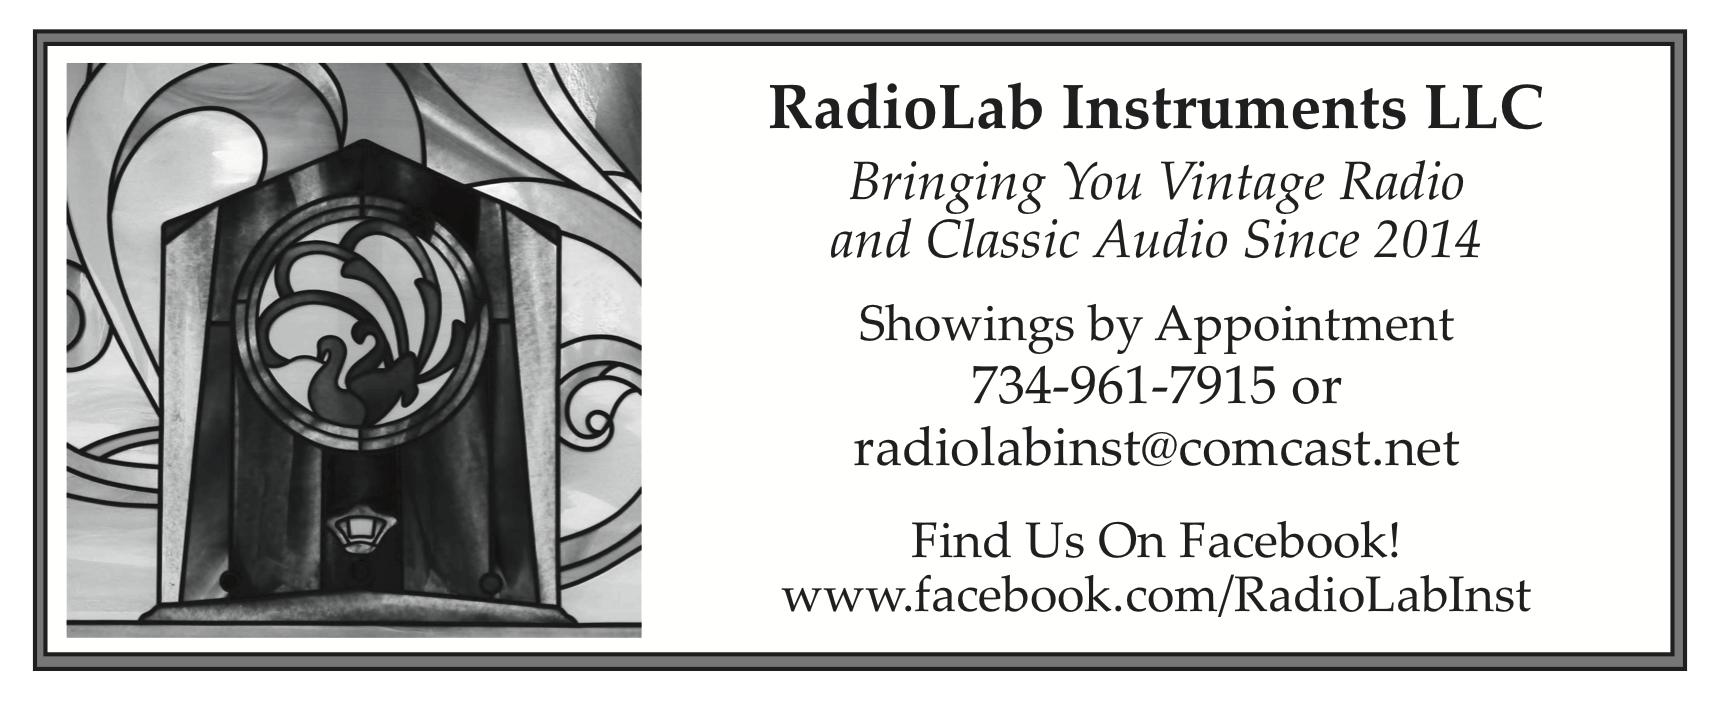 WCTH is SPONSORED BY Radiolab Instruments LLC